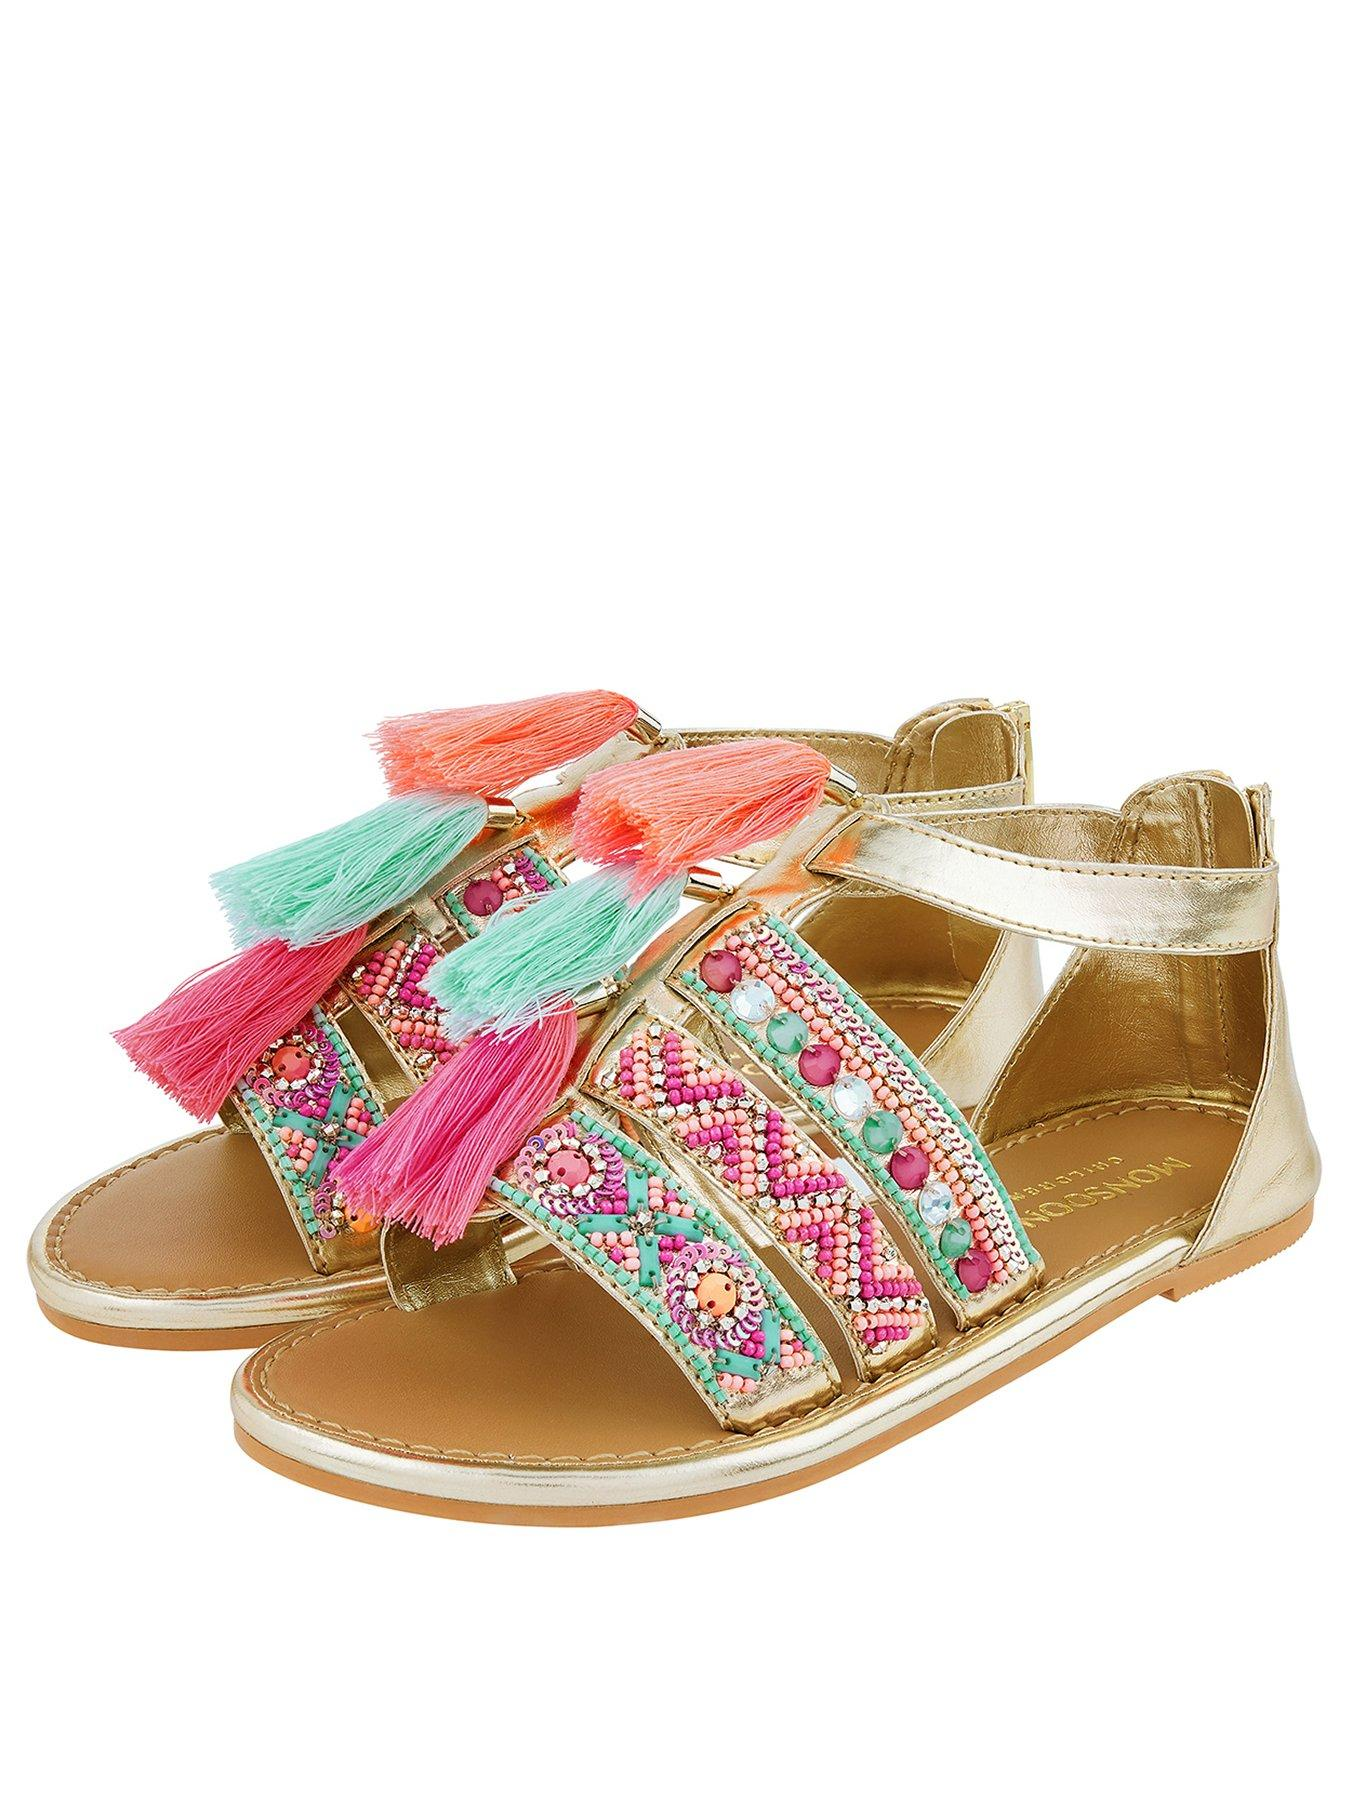 Start-rite Summer Shimmer Girls Multi-Metallic Sandal